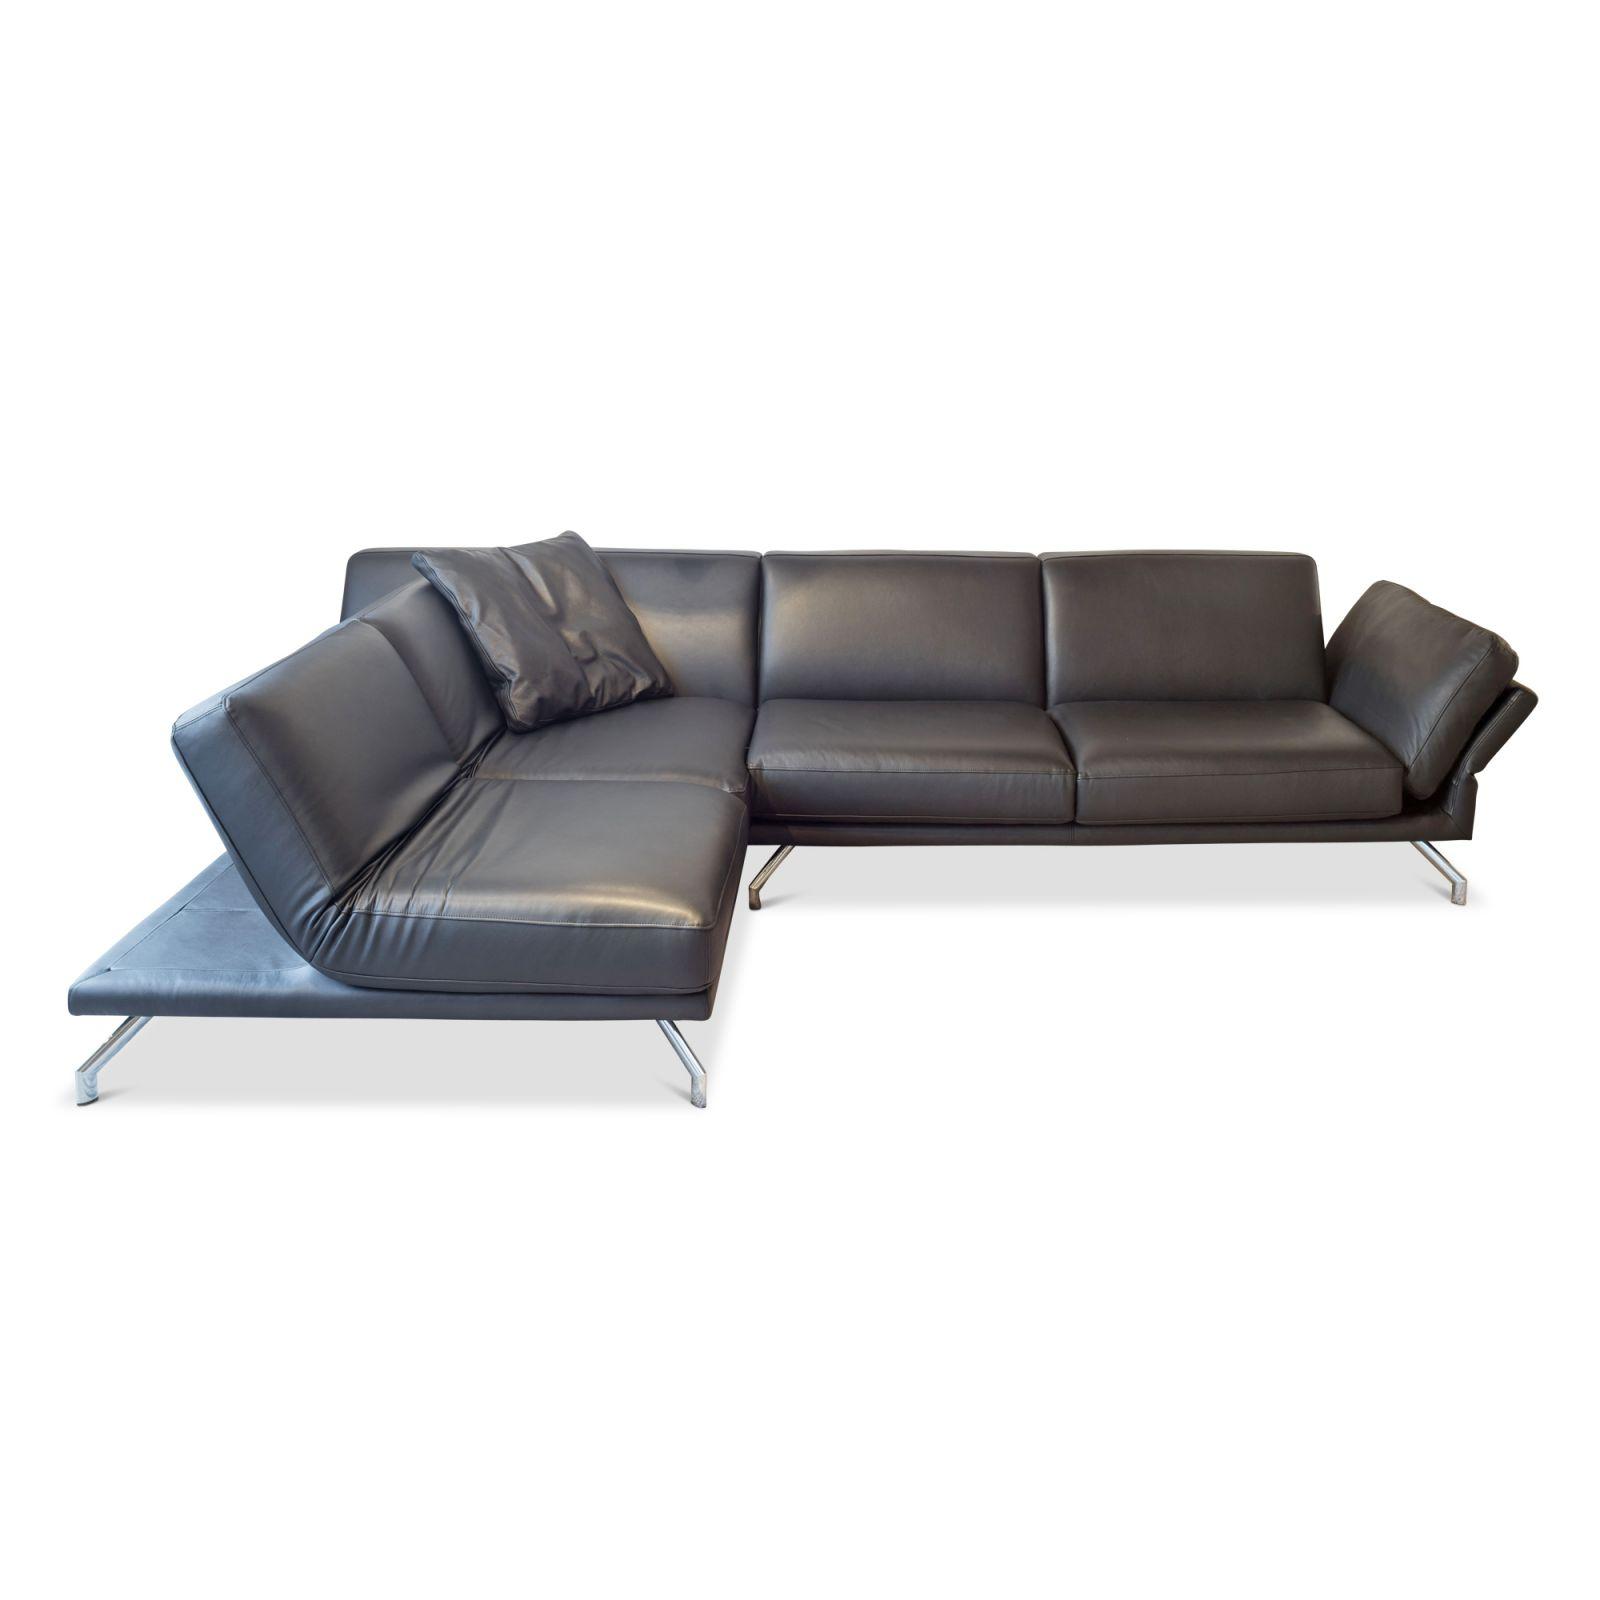 Blickfang Sofa Mit Verstellbarer Rückenlehne Dekoration Von Ecksofa Wk 650 Nalo (mit Rückenlehne) –